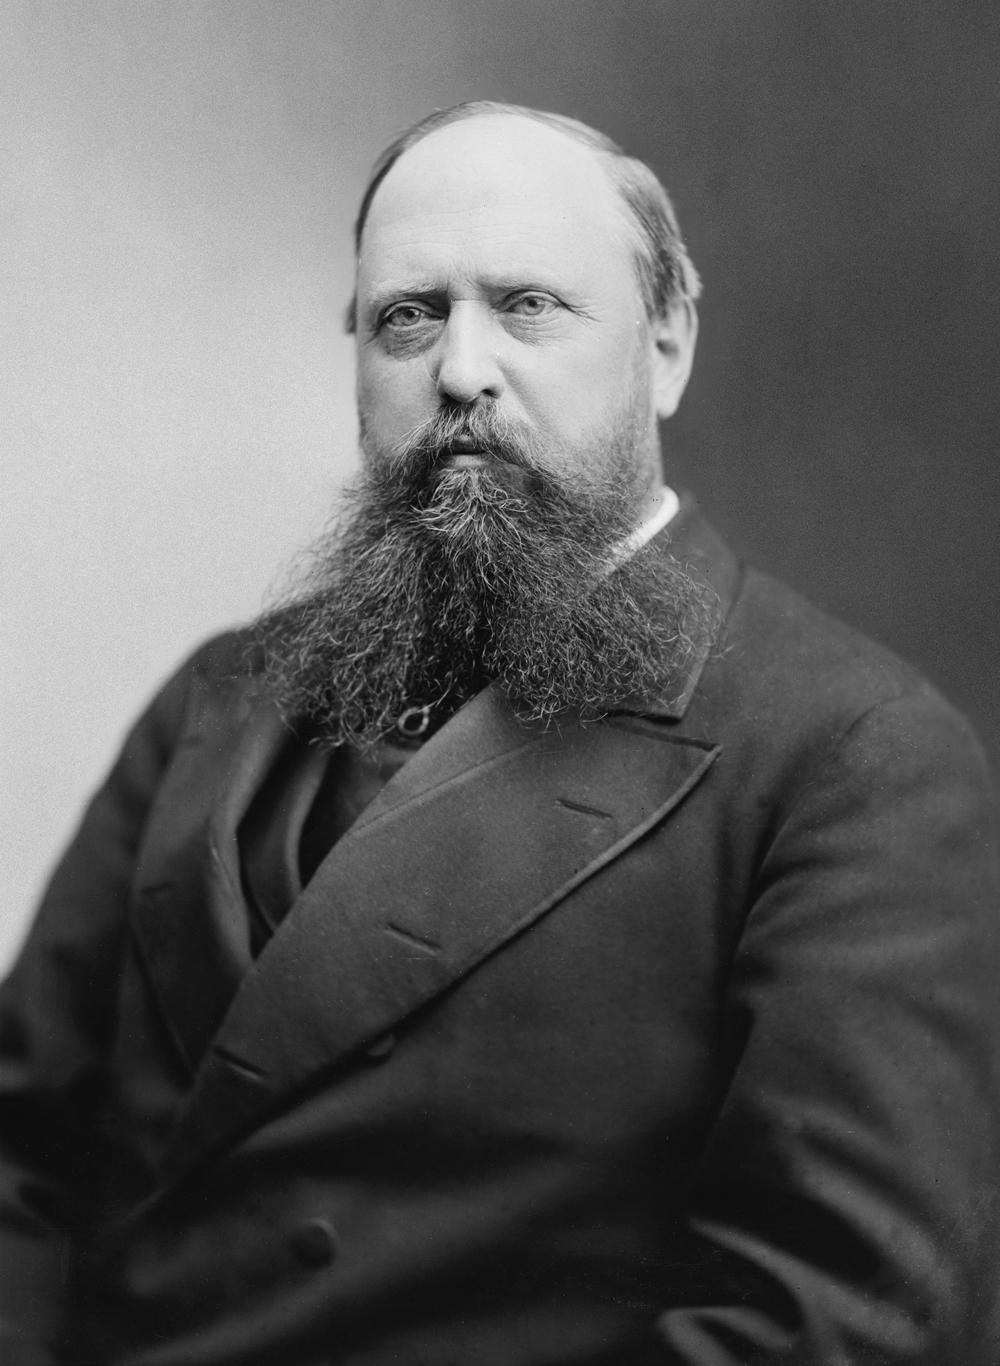 Othniel Charles Mash